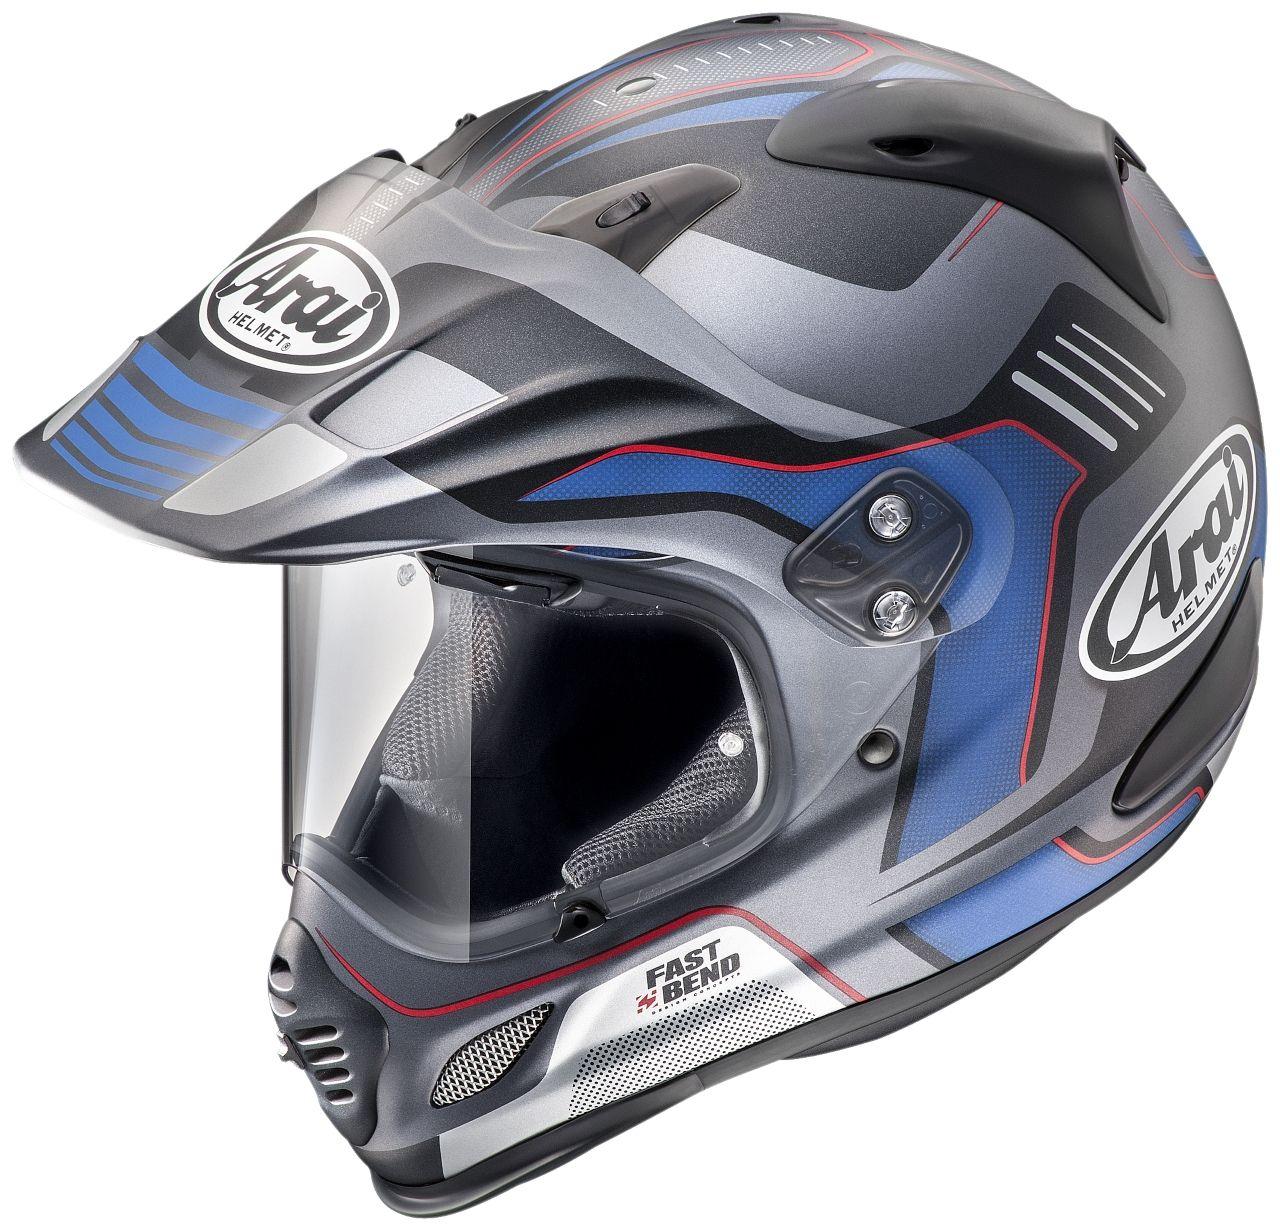 TOUR-CROSS 3 (XD4) VISION [Gray (Matte)] Helmet